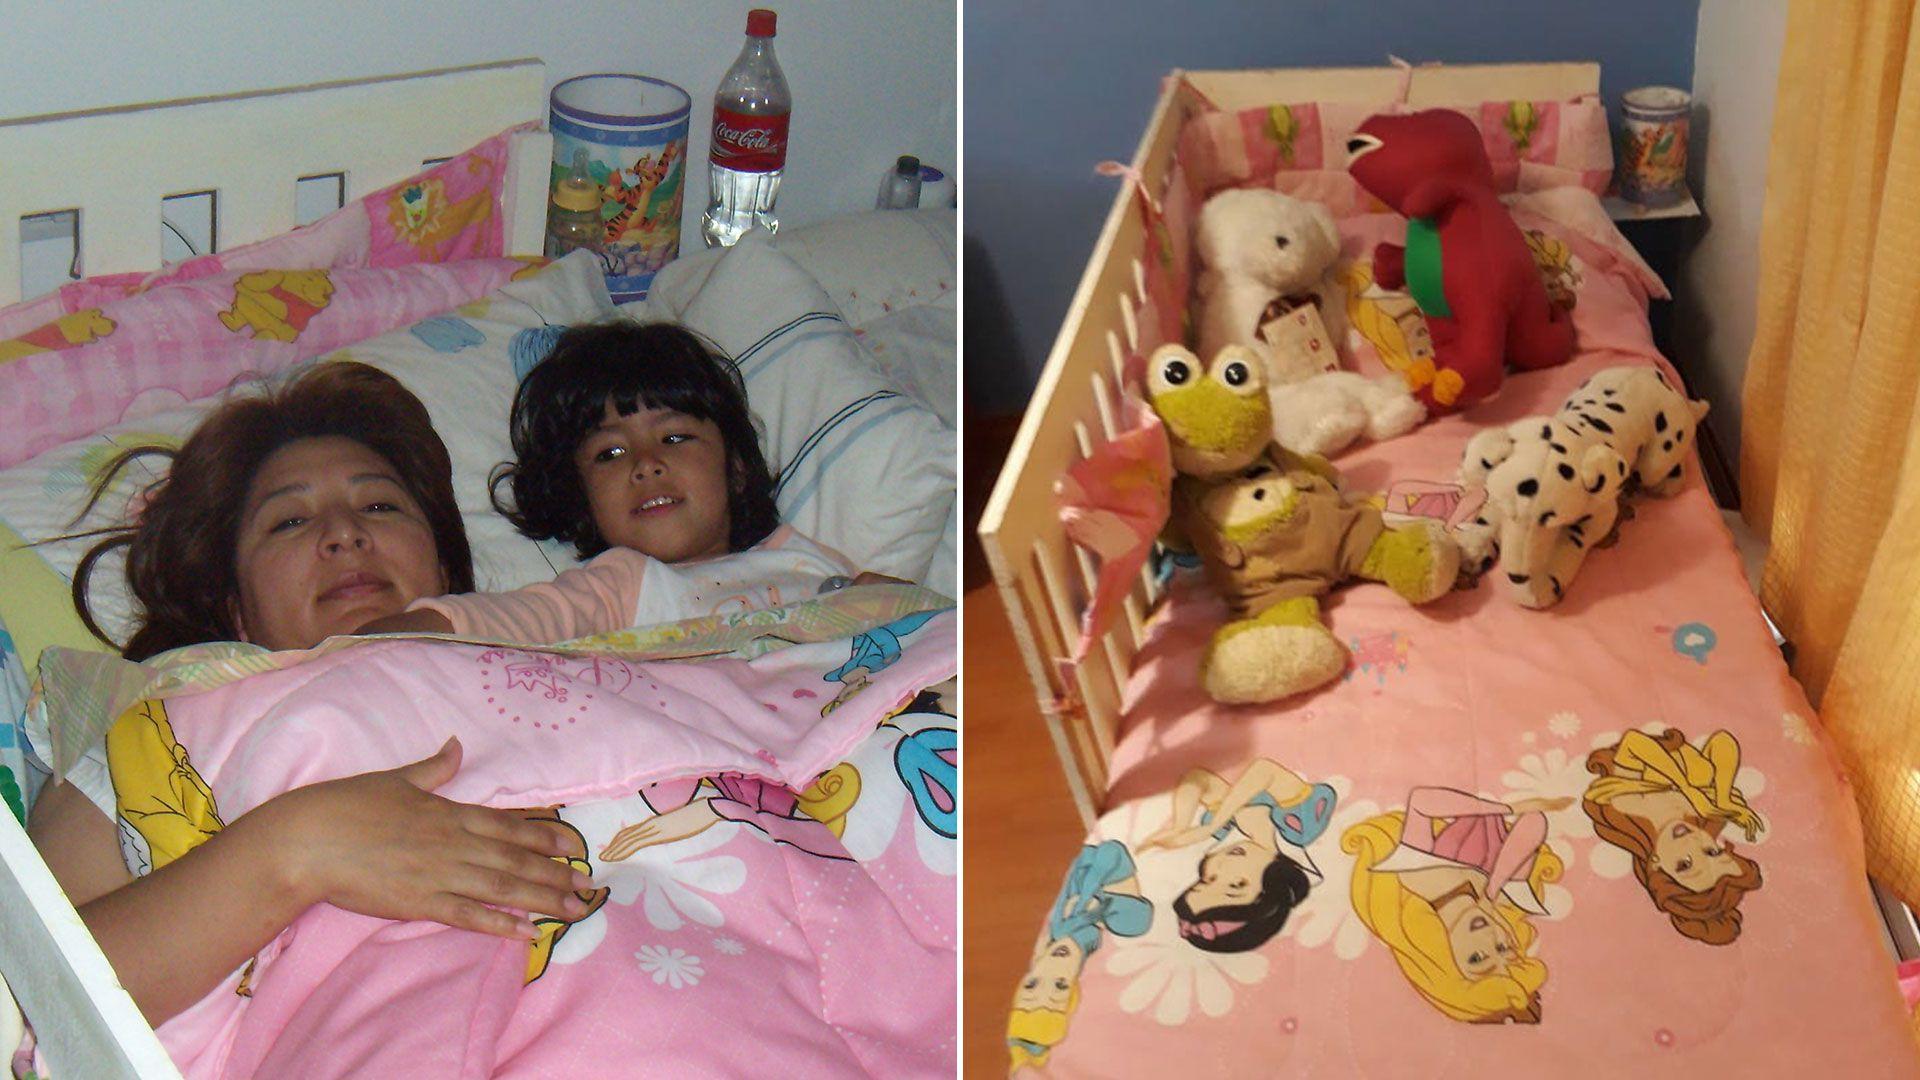 Mamá, María Elena Delgado, e hija hace 12 años. La cama está vacía hoy.